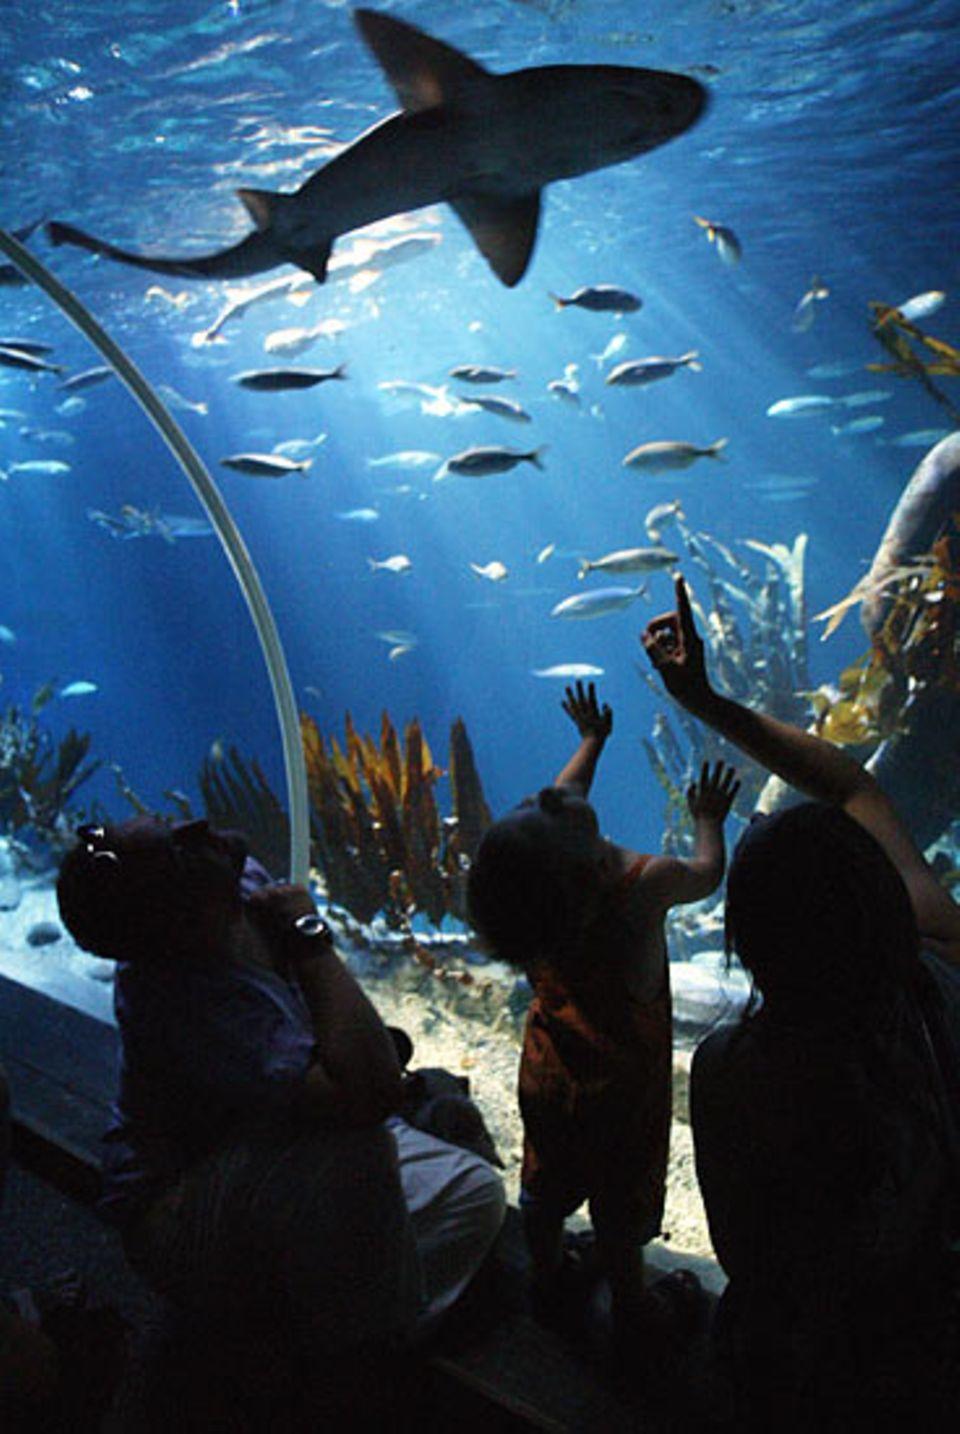 Meeresbiologie: Unterwassertunnel bieten faszinierende Einblicke in die Unterwasserwelt der Ozeane